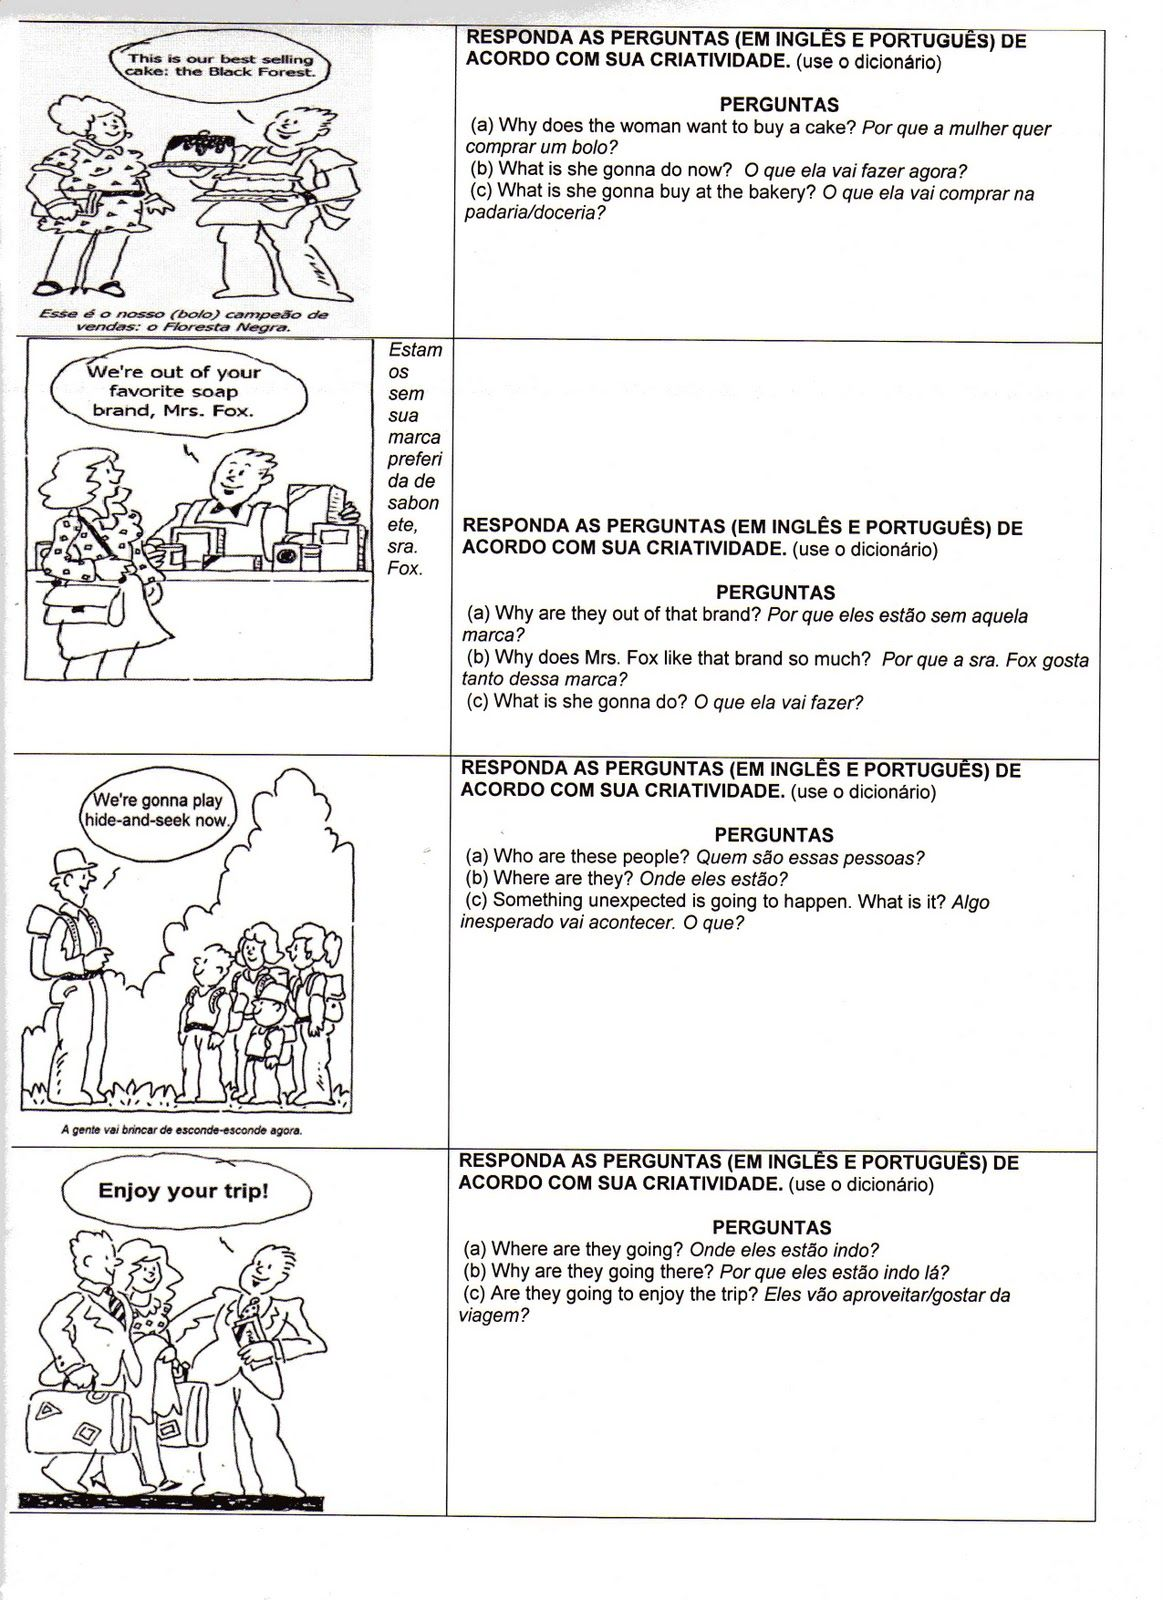 Ingles 1 Atividades De Ingles Traducao Atividades De Ingles